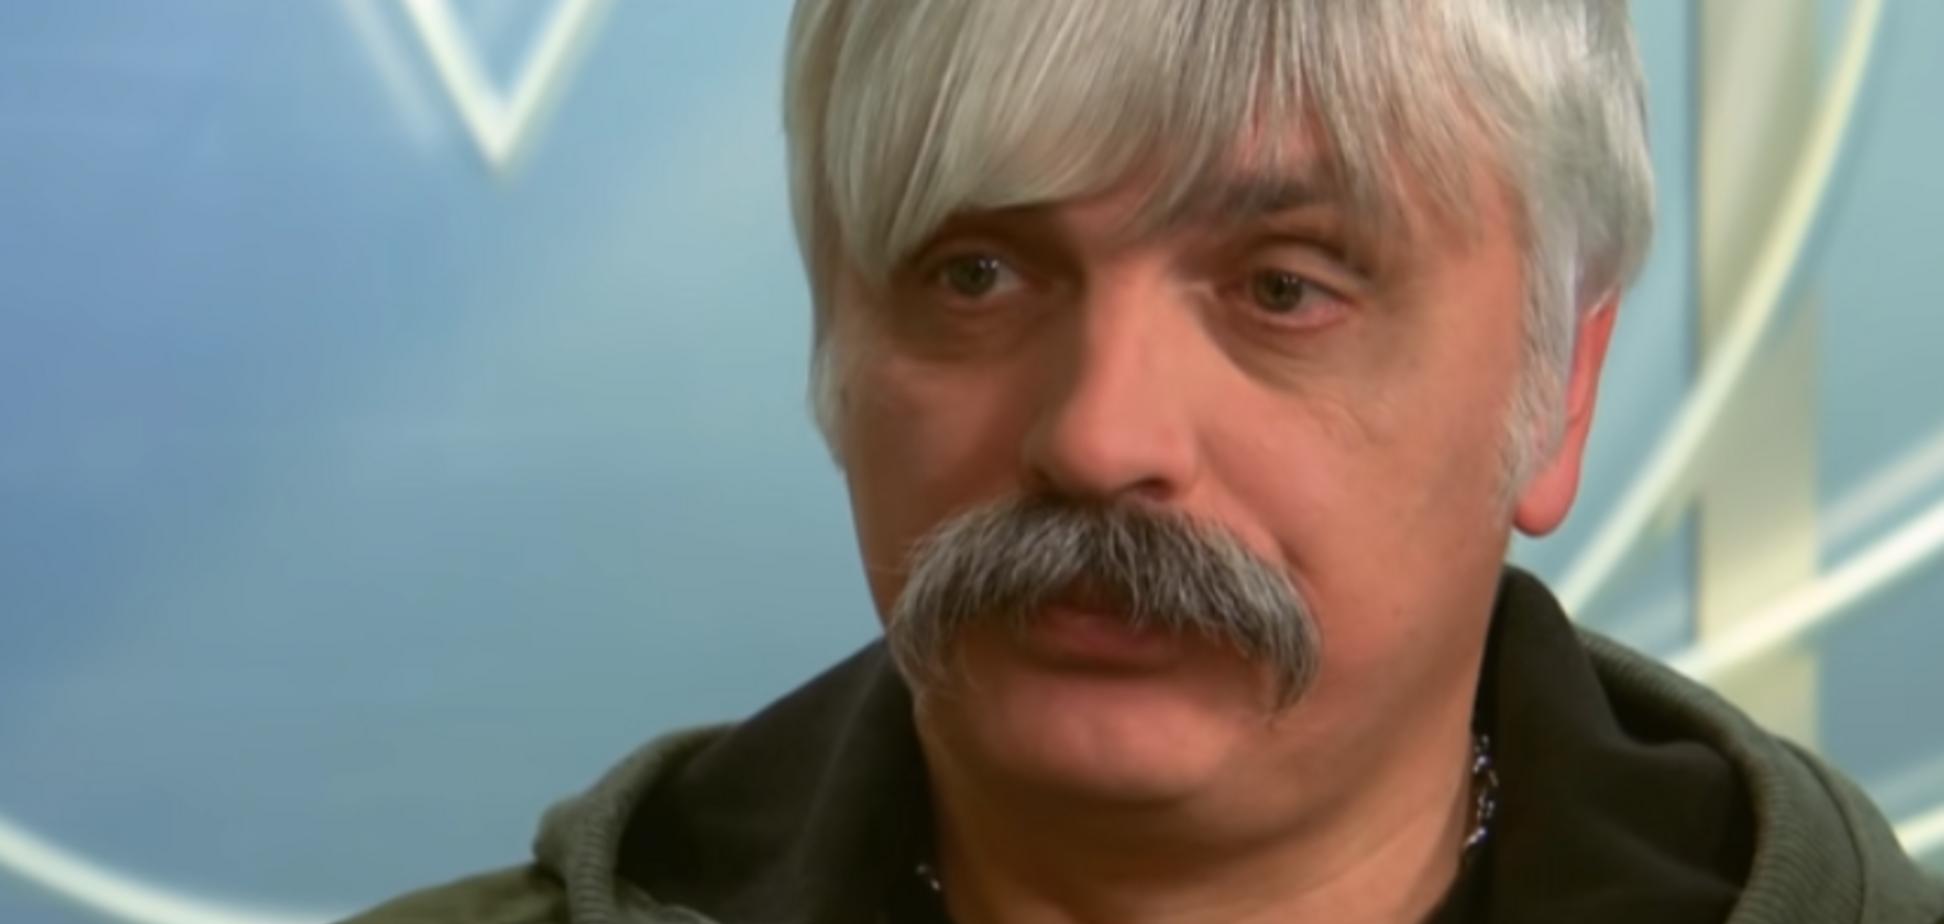 'Города и села будут разрушены': Корчинский призвал к силовому освобождению Крыма и Донбасса